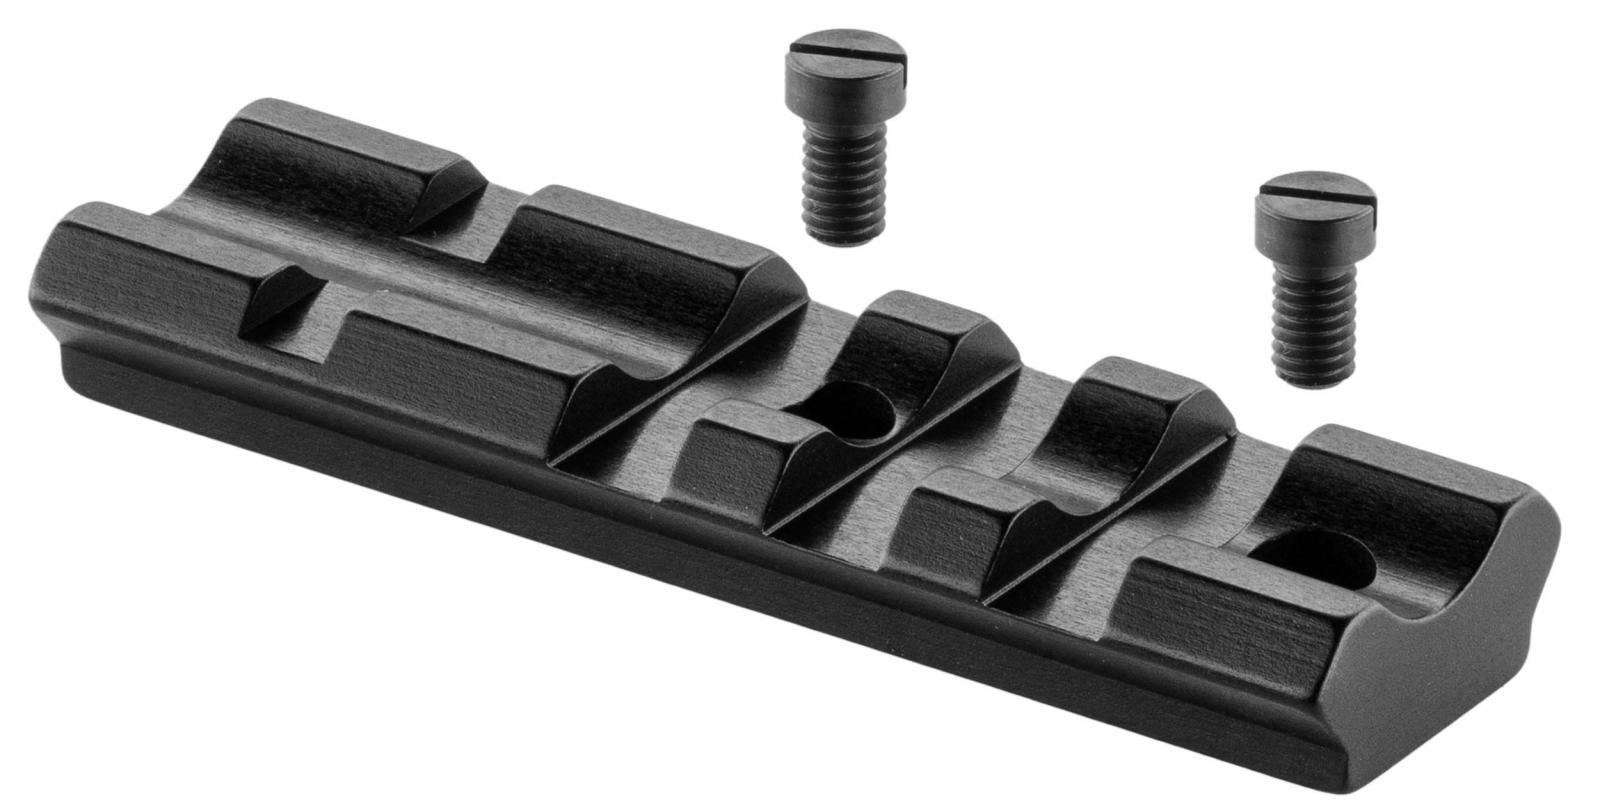 Embase courte type Weaver 21 mm RECKNAGEL pour fusil FAIR